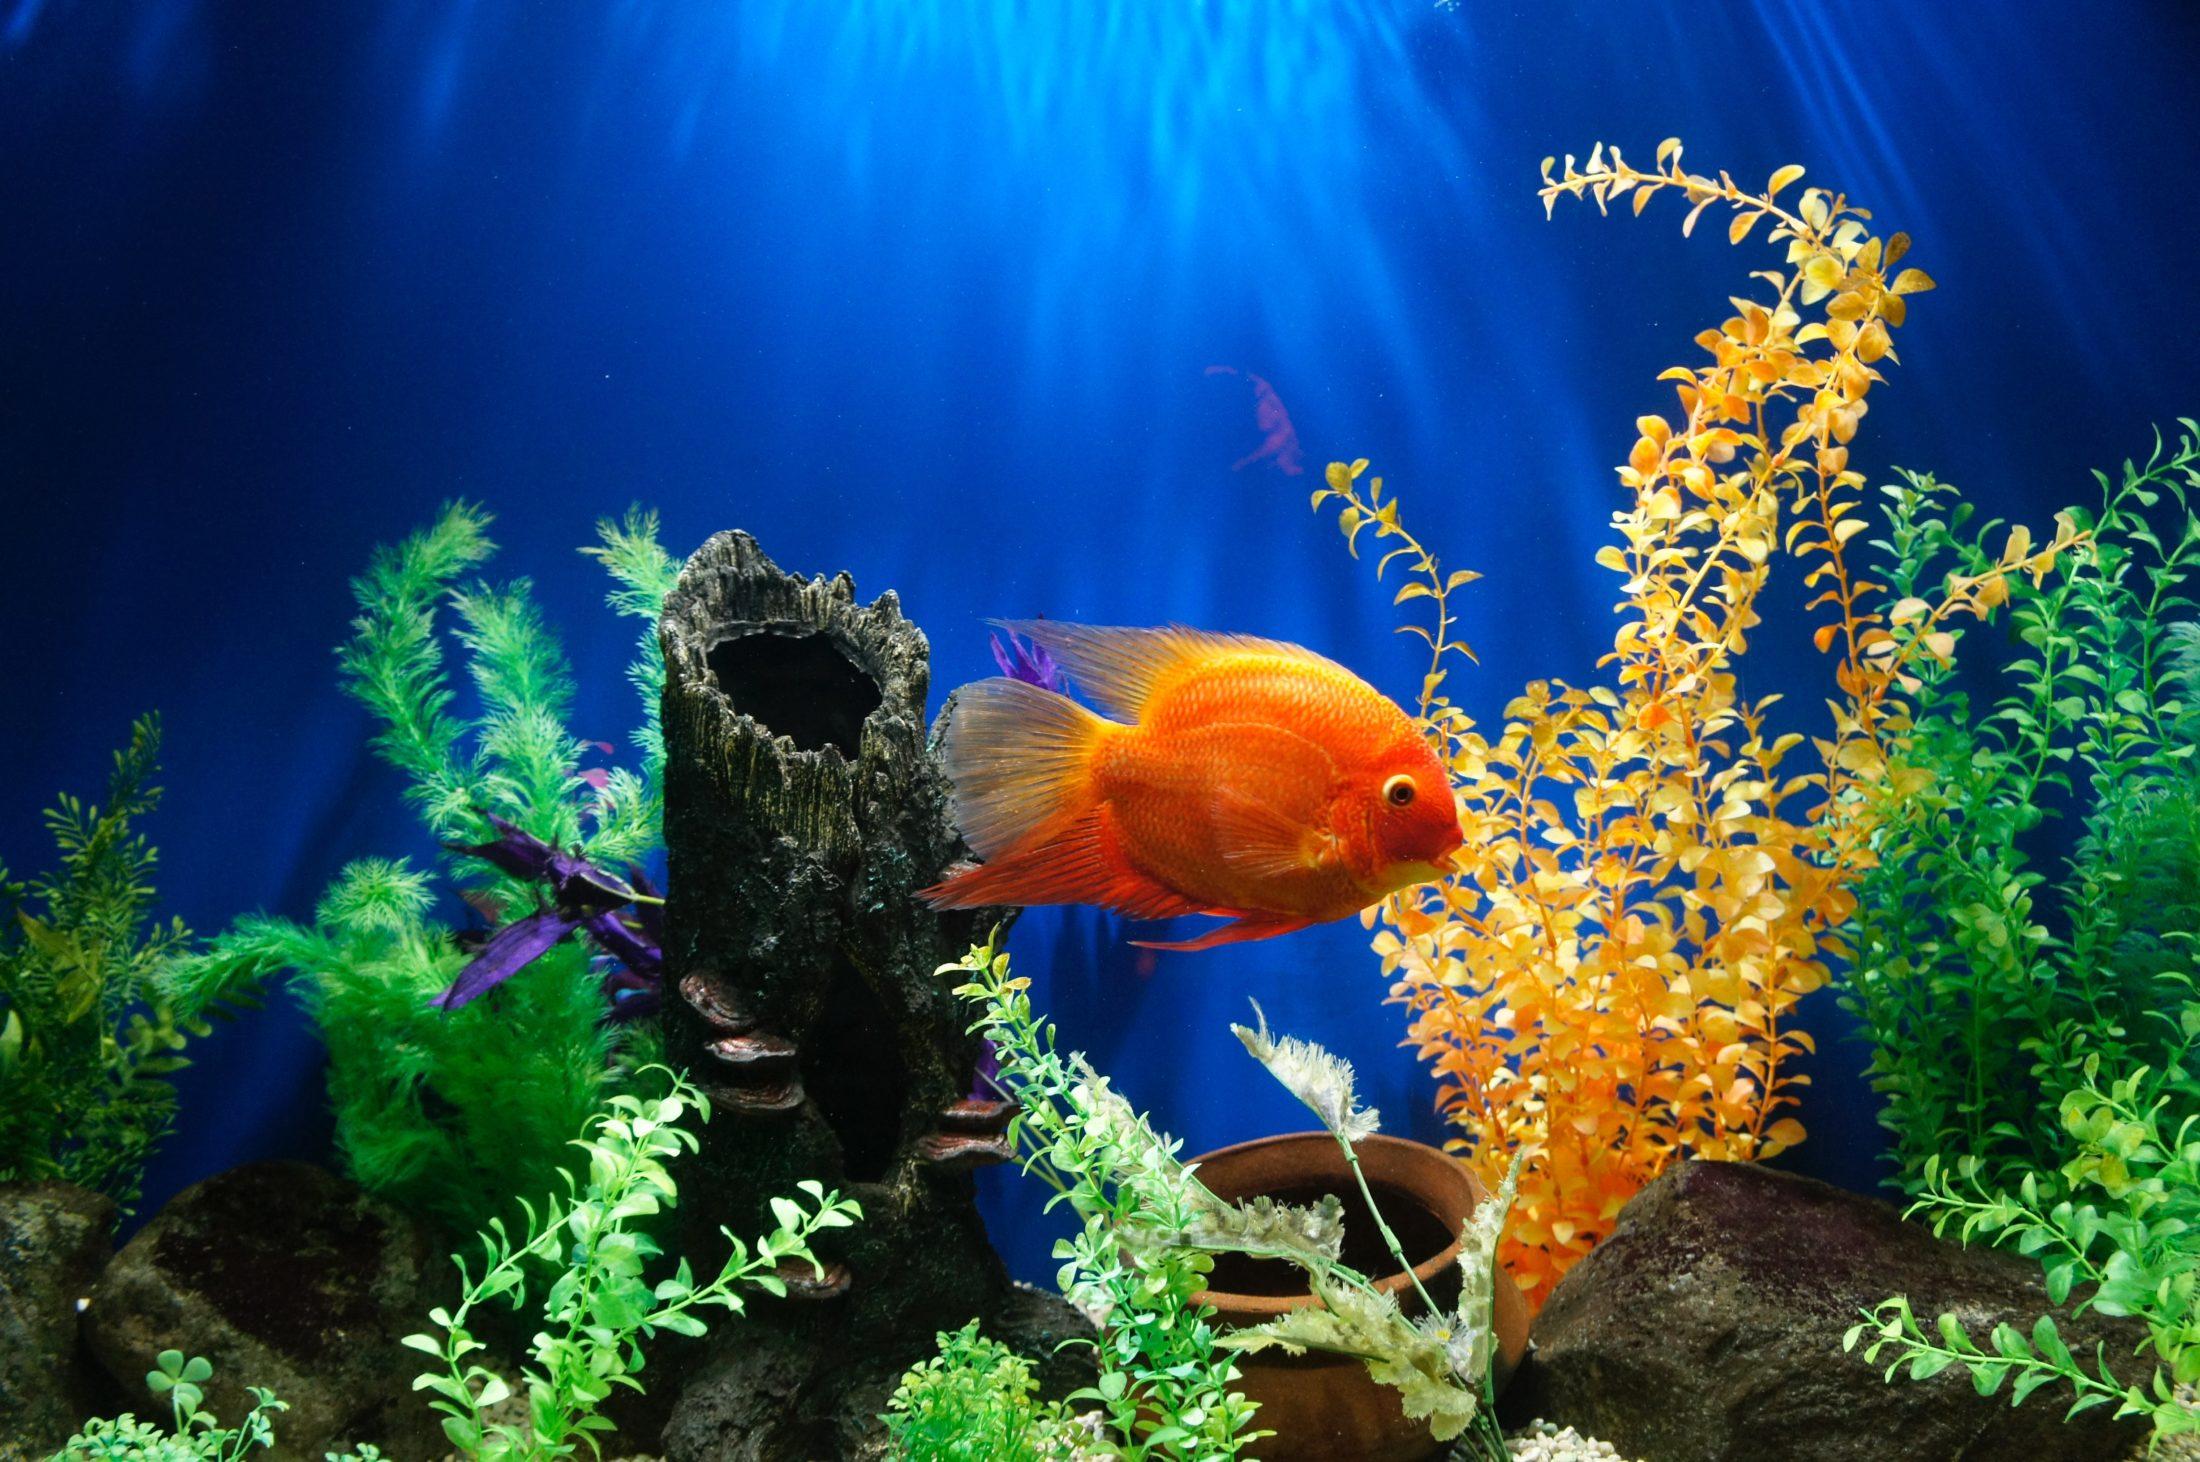 A bombinha de aquário pode trazer muitas vantagens.